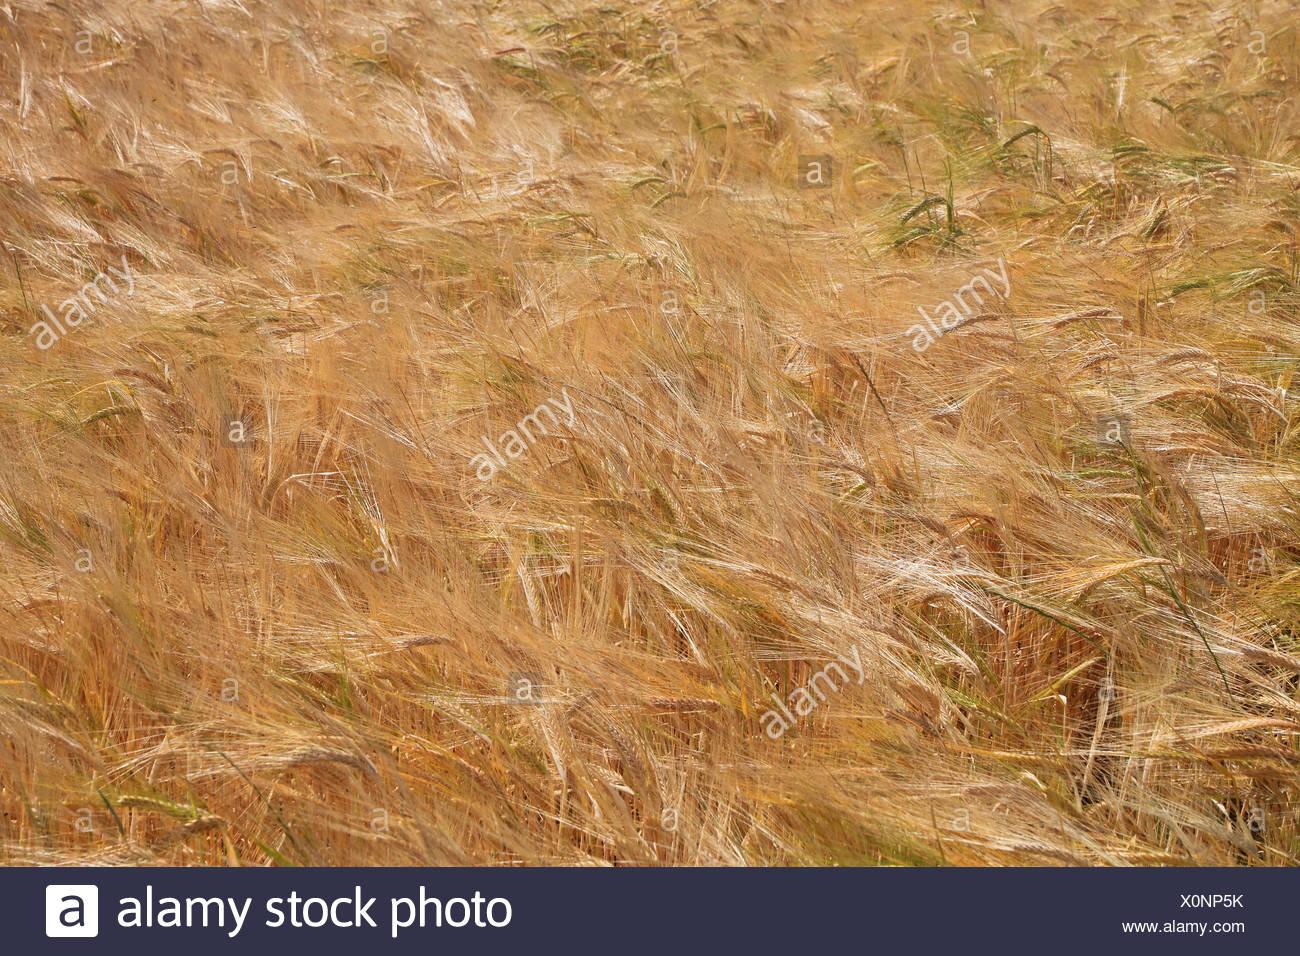 L'orge (Hordeum vulgare), champ d'orge à maturité, Allemagne Photo Stock